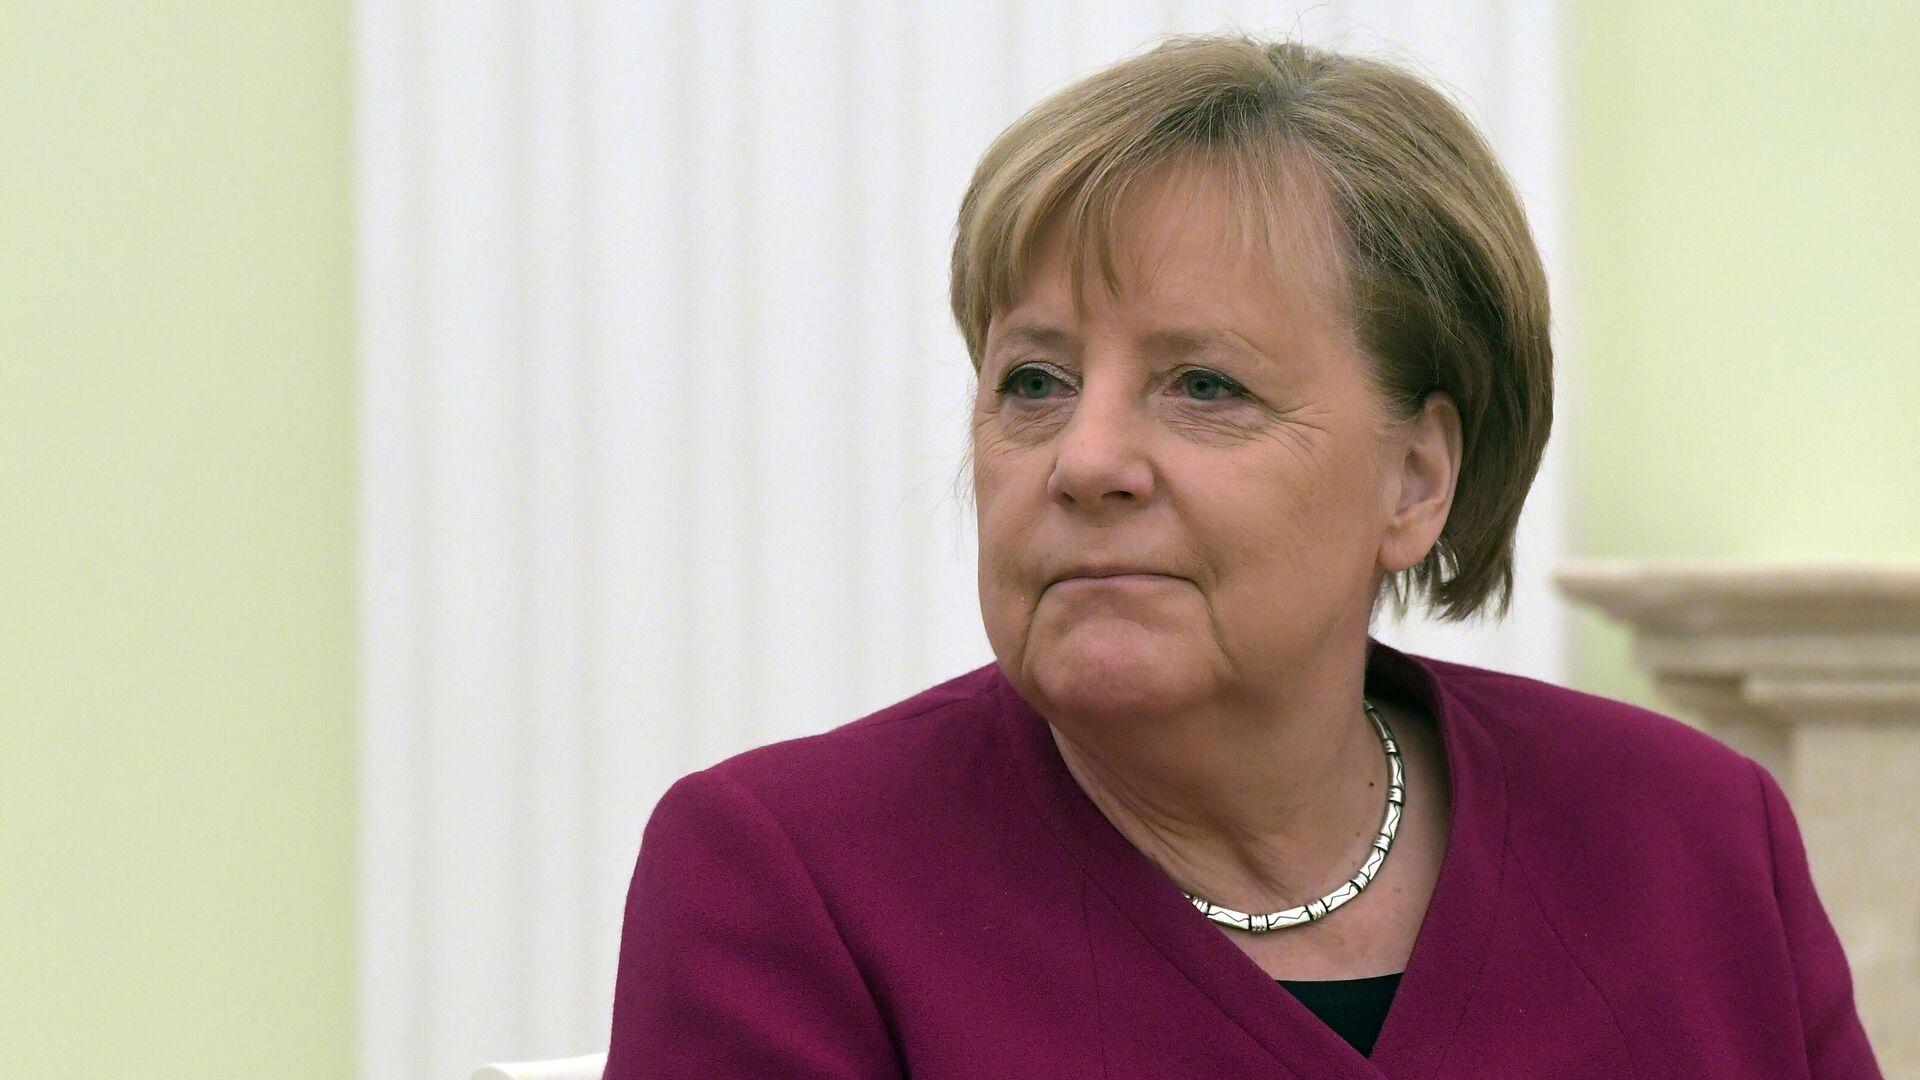 Федеральный канцлер Германии Ангела Меркель во время встречи с президентом РФ Владимиром Путиным - РИА Новости, 1920, 26.01.2021